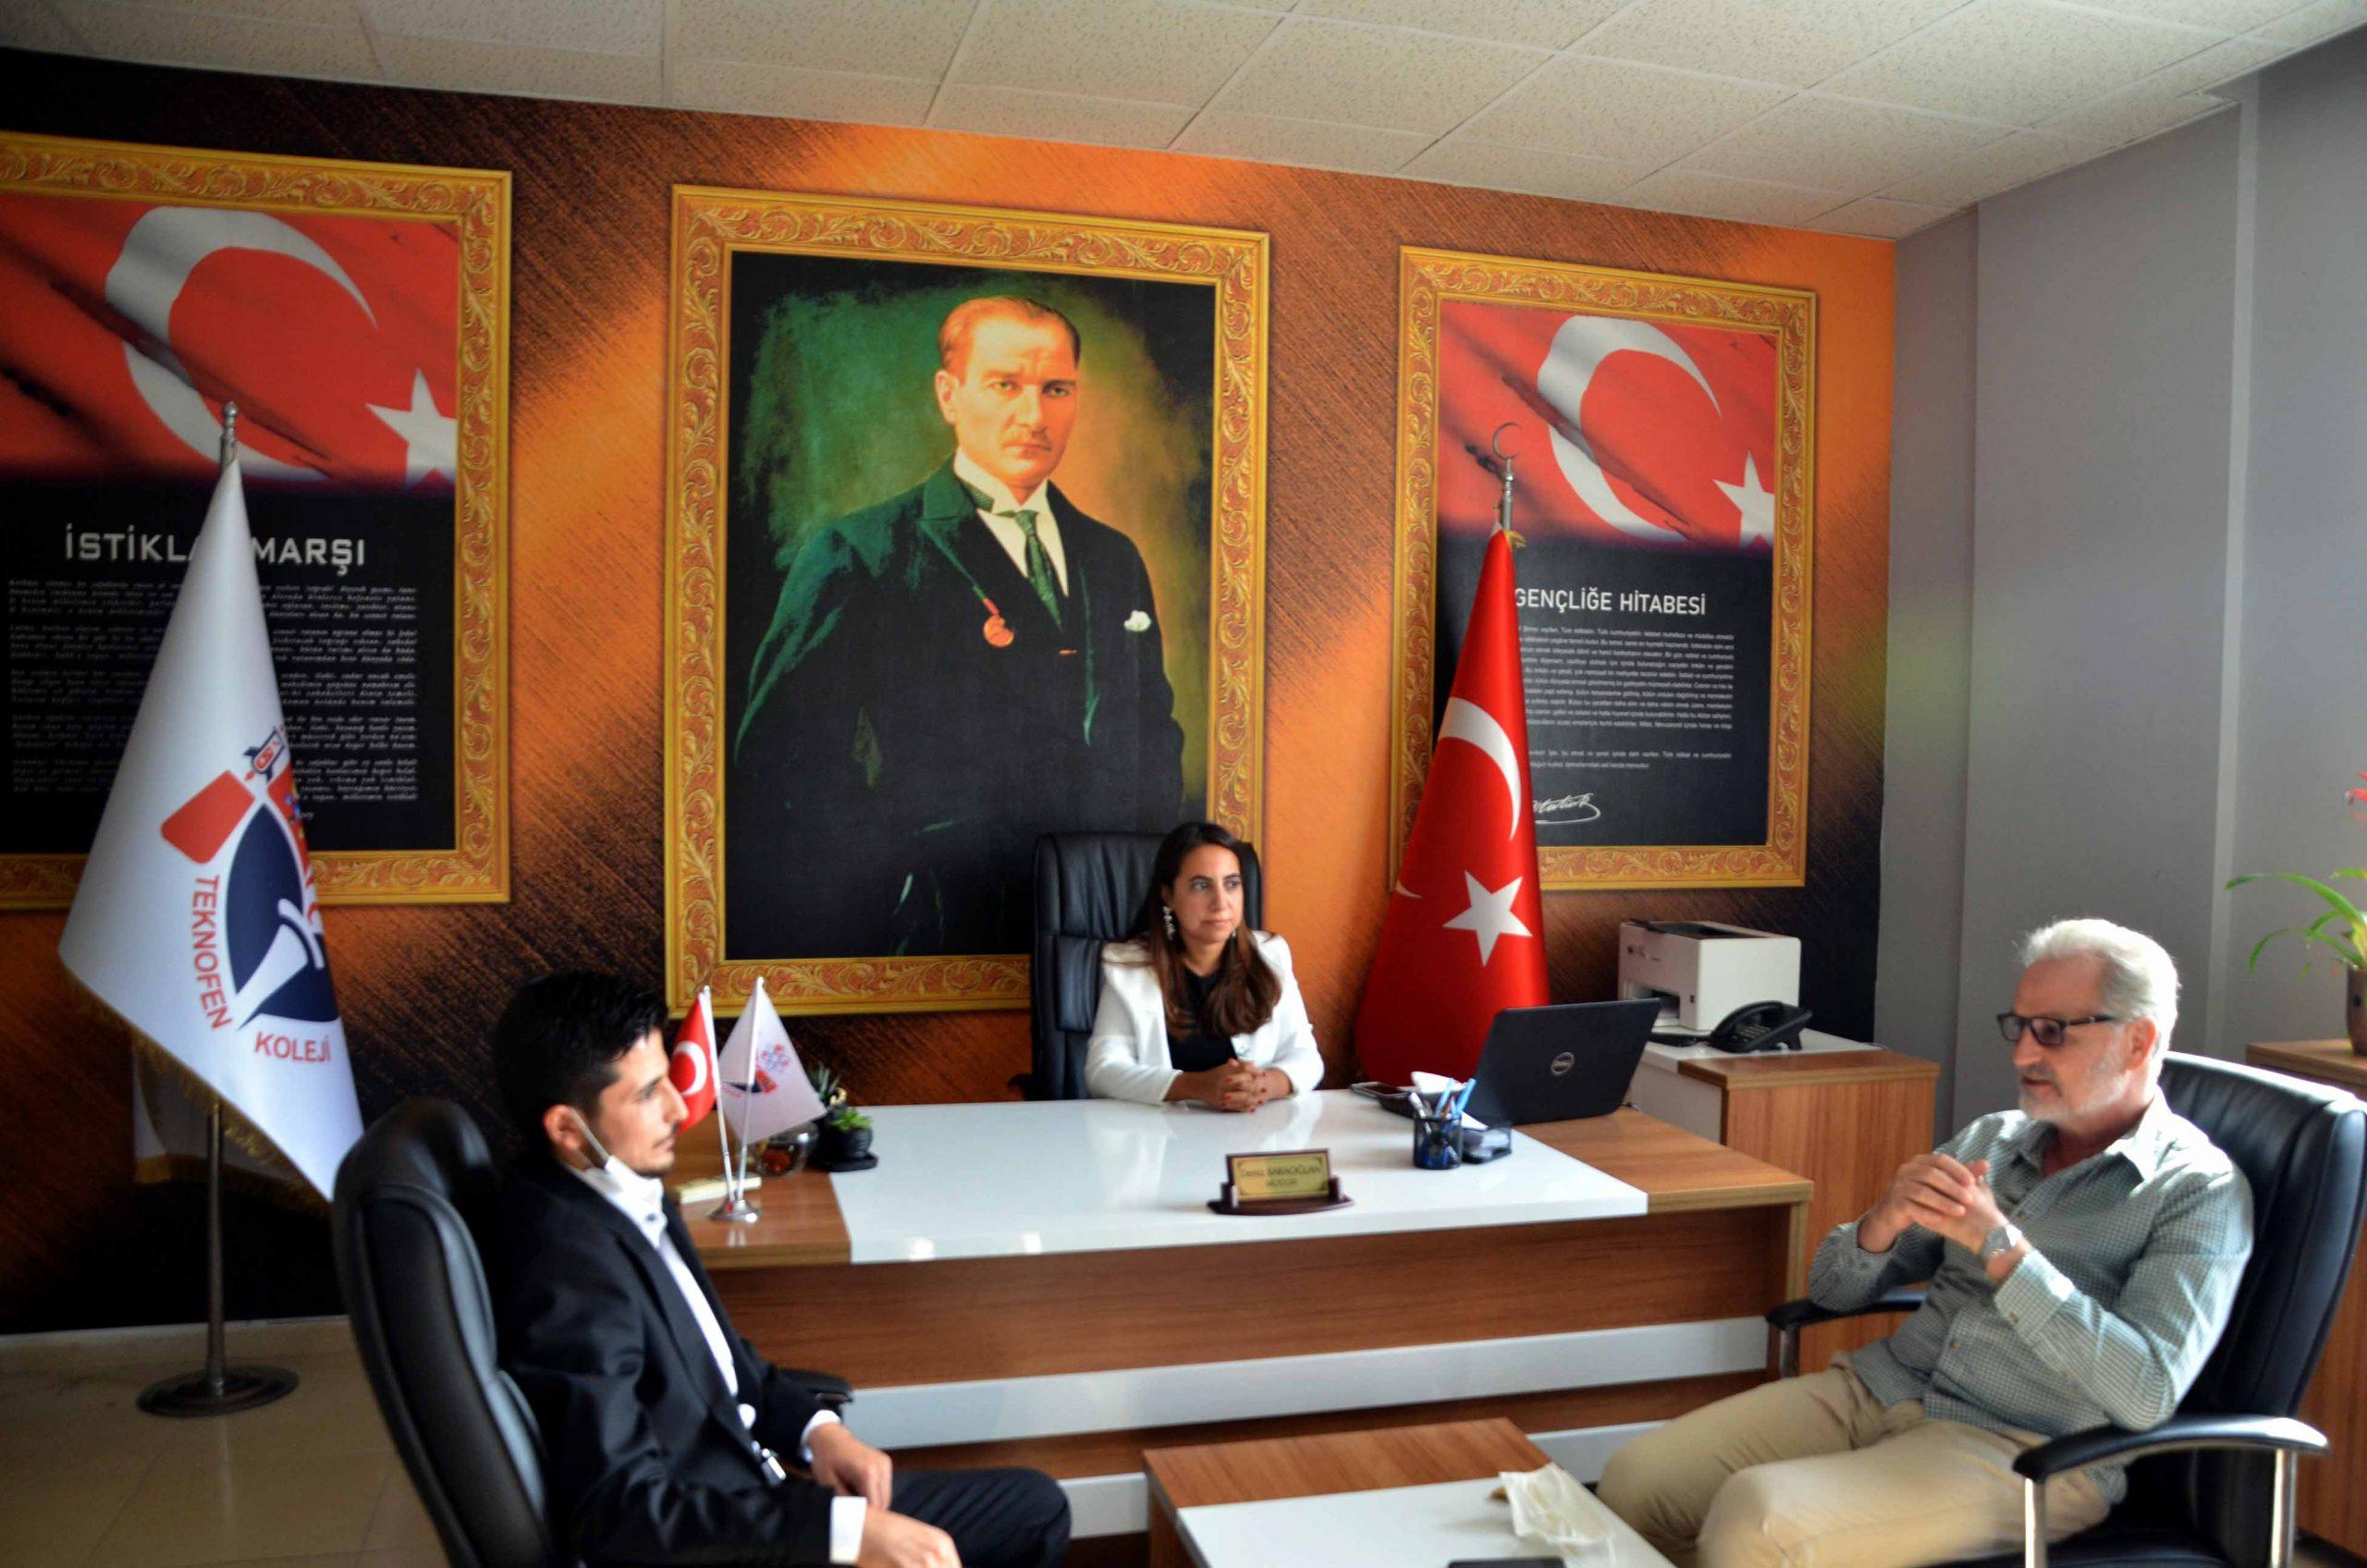 İTSO Başkanı Yılmaz Özel Teknofen Mesleki ve Teknik Anadolu Lisesini Ziyaret Etti